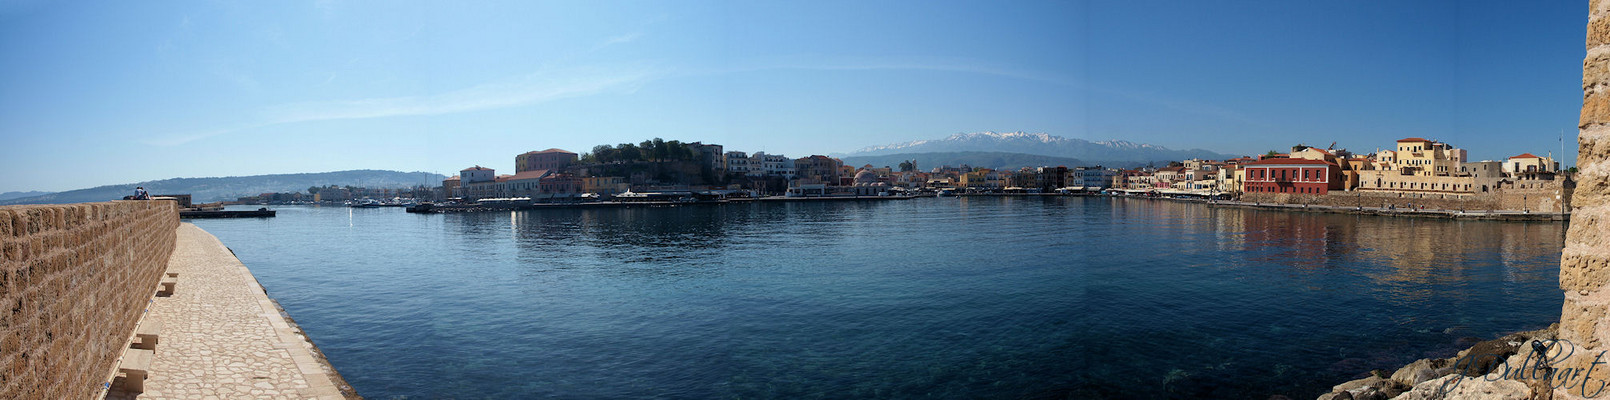 Hafen von Chania Panorama (Kreta)